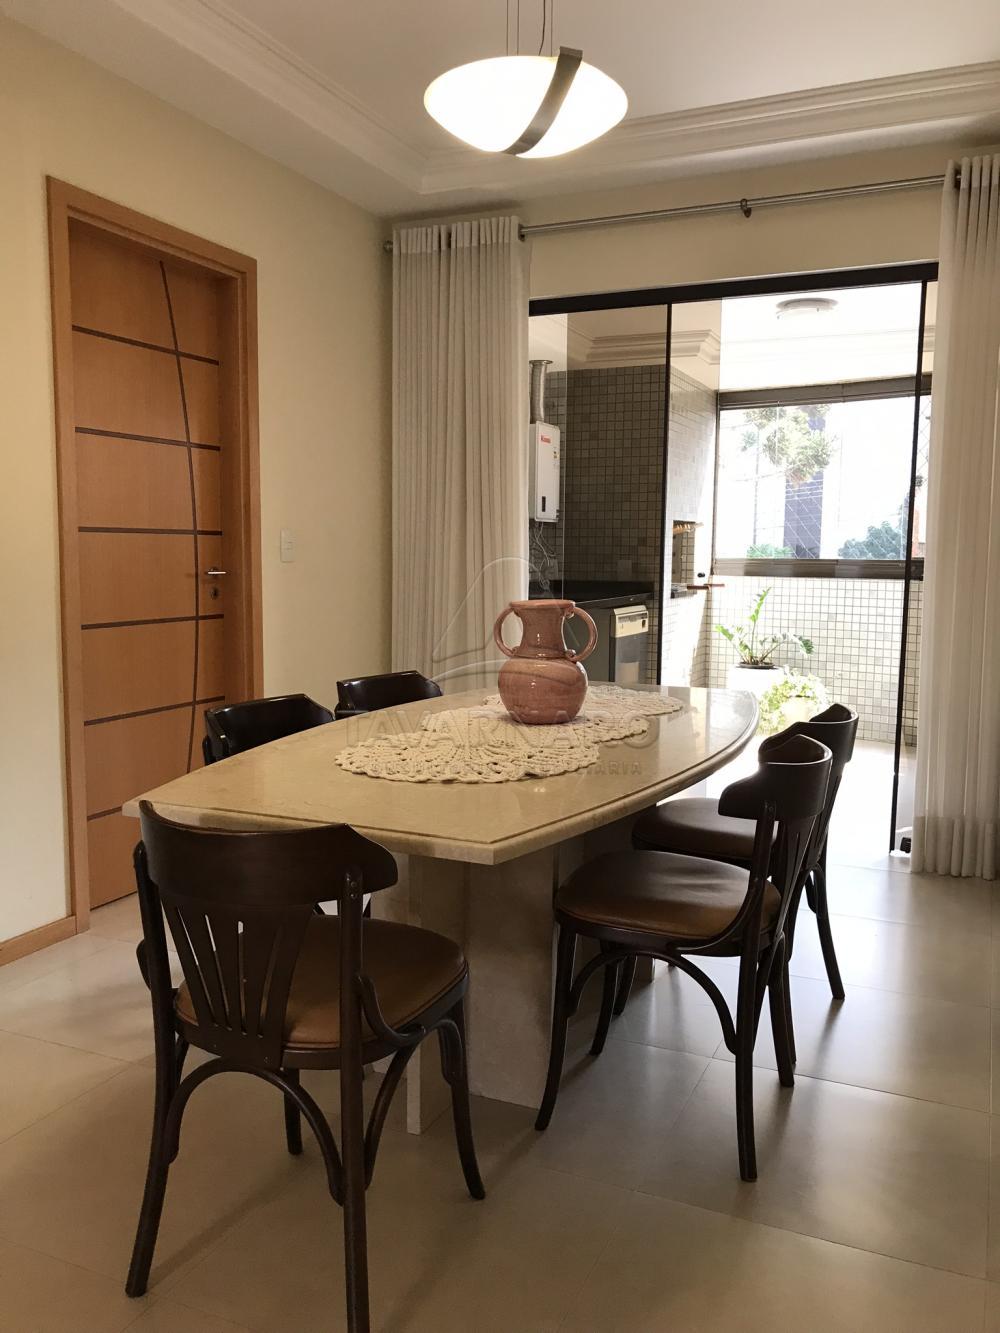 Comprar Apartamento / Padrão em Ponta Grossa R$ 690.000,00 - Foto 16